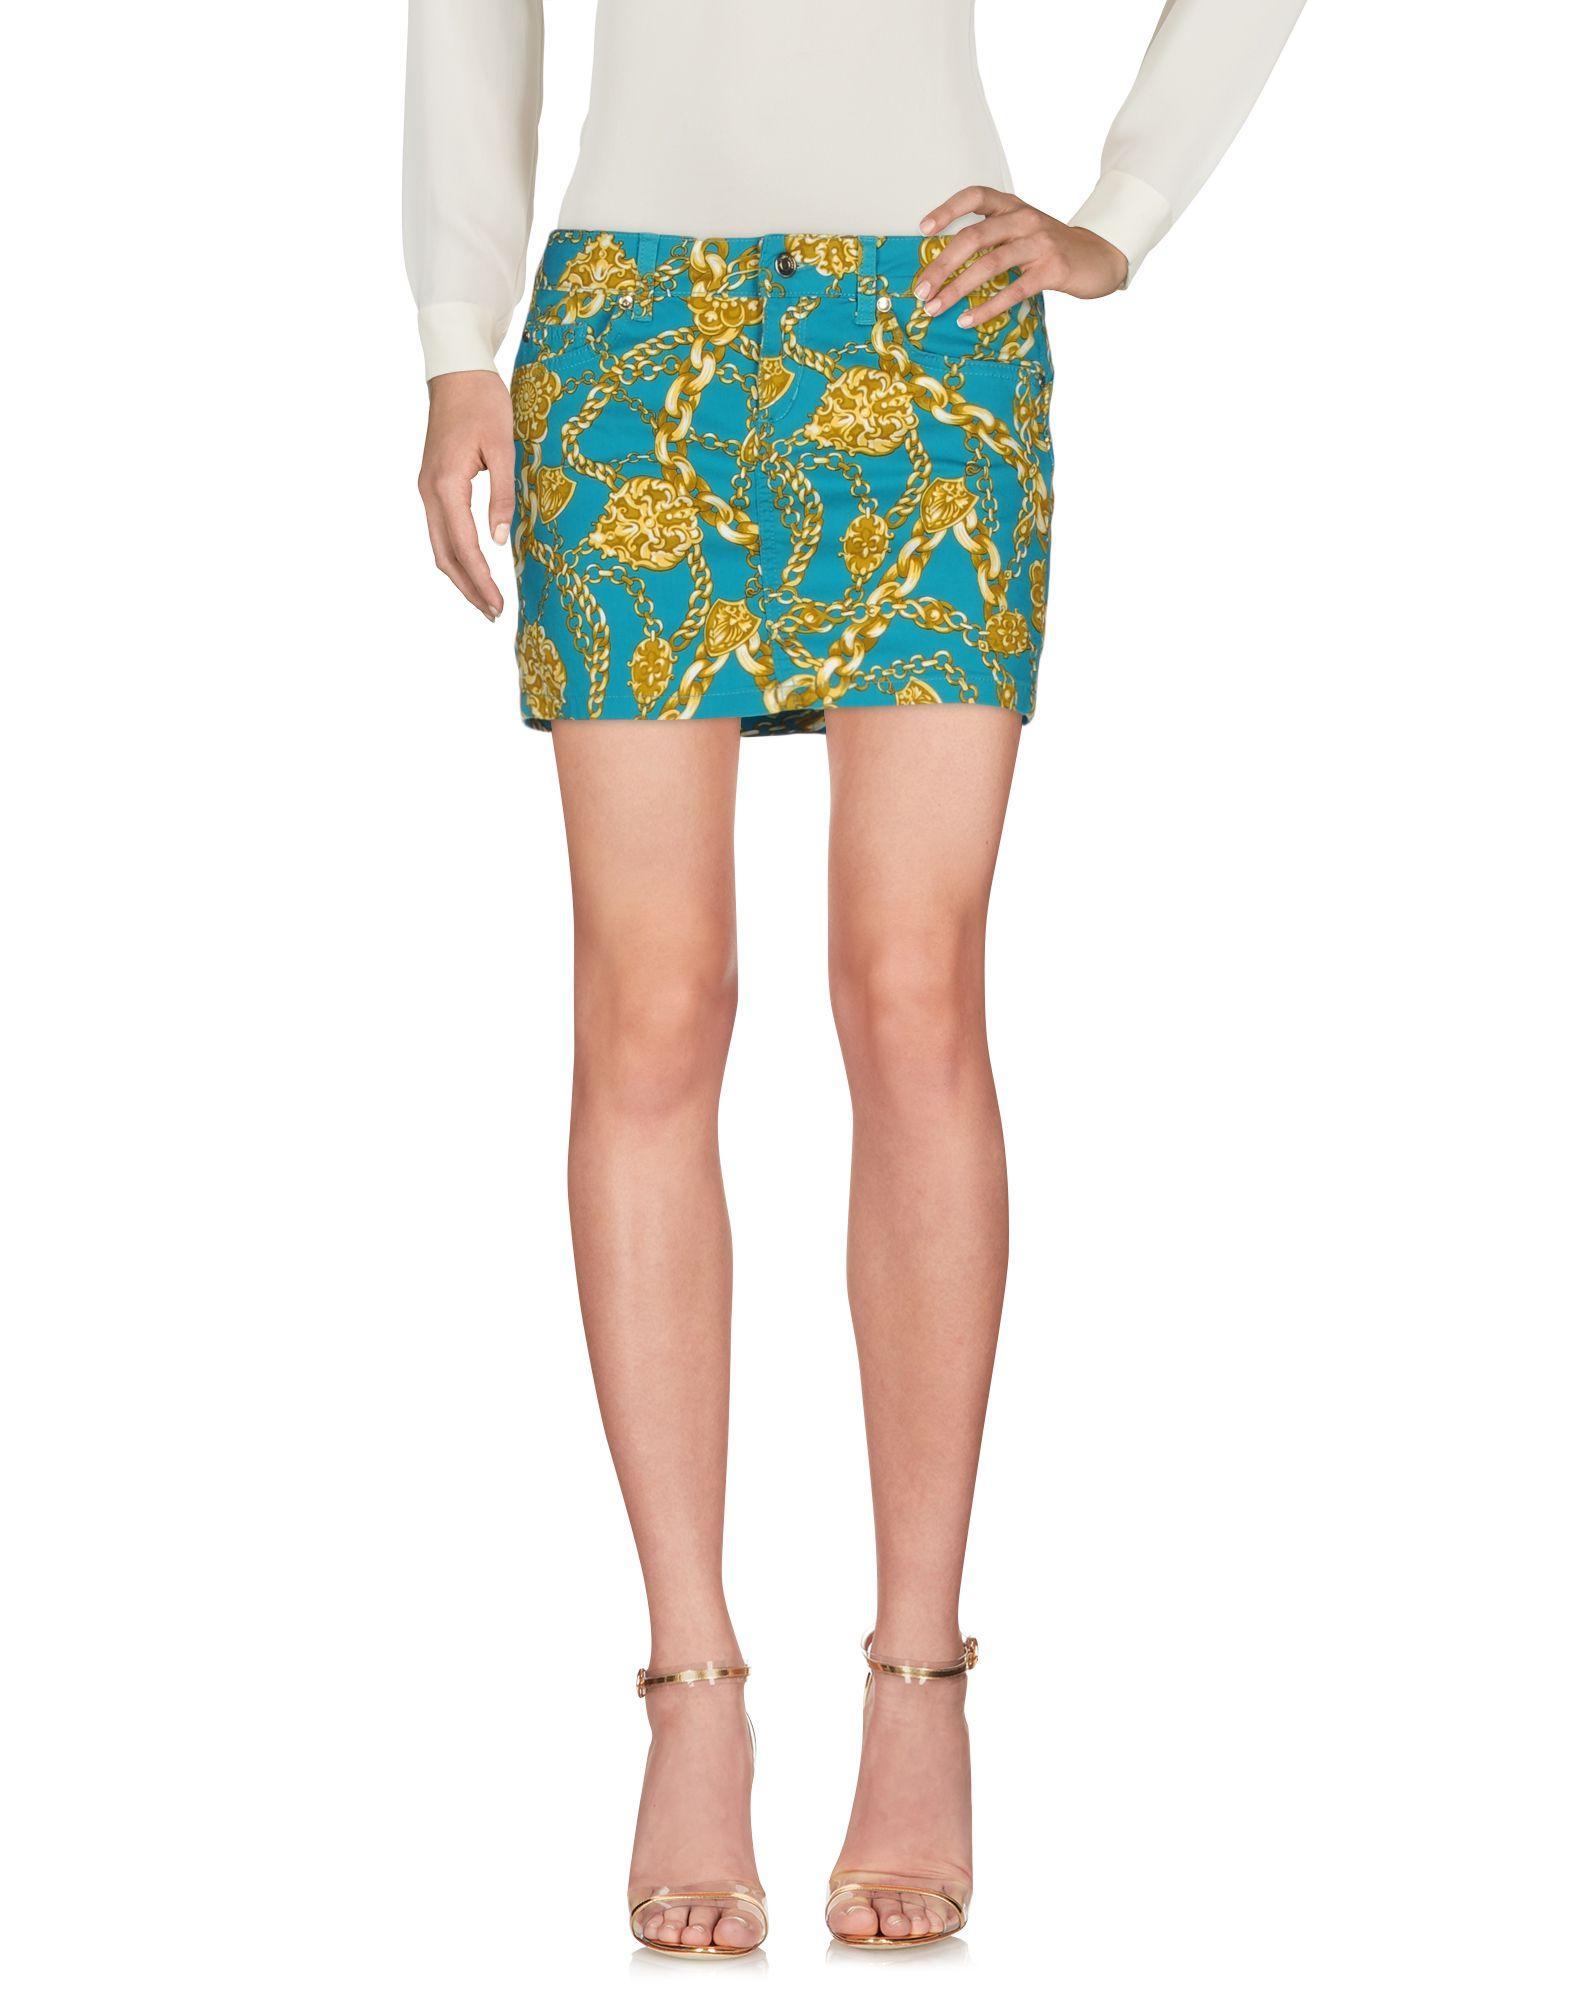 Liu •jo Mini Skirt In Turquoise